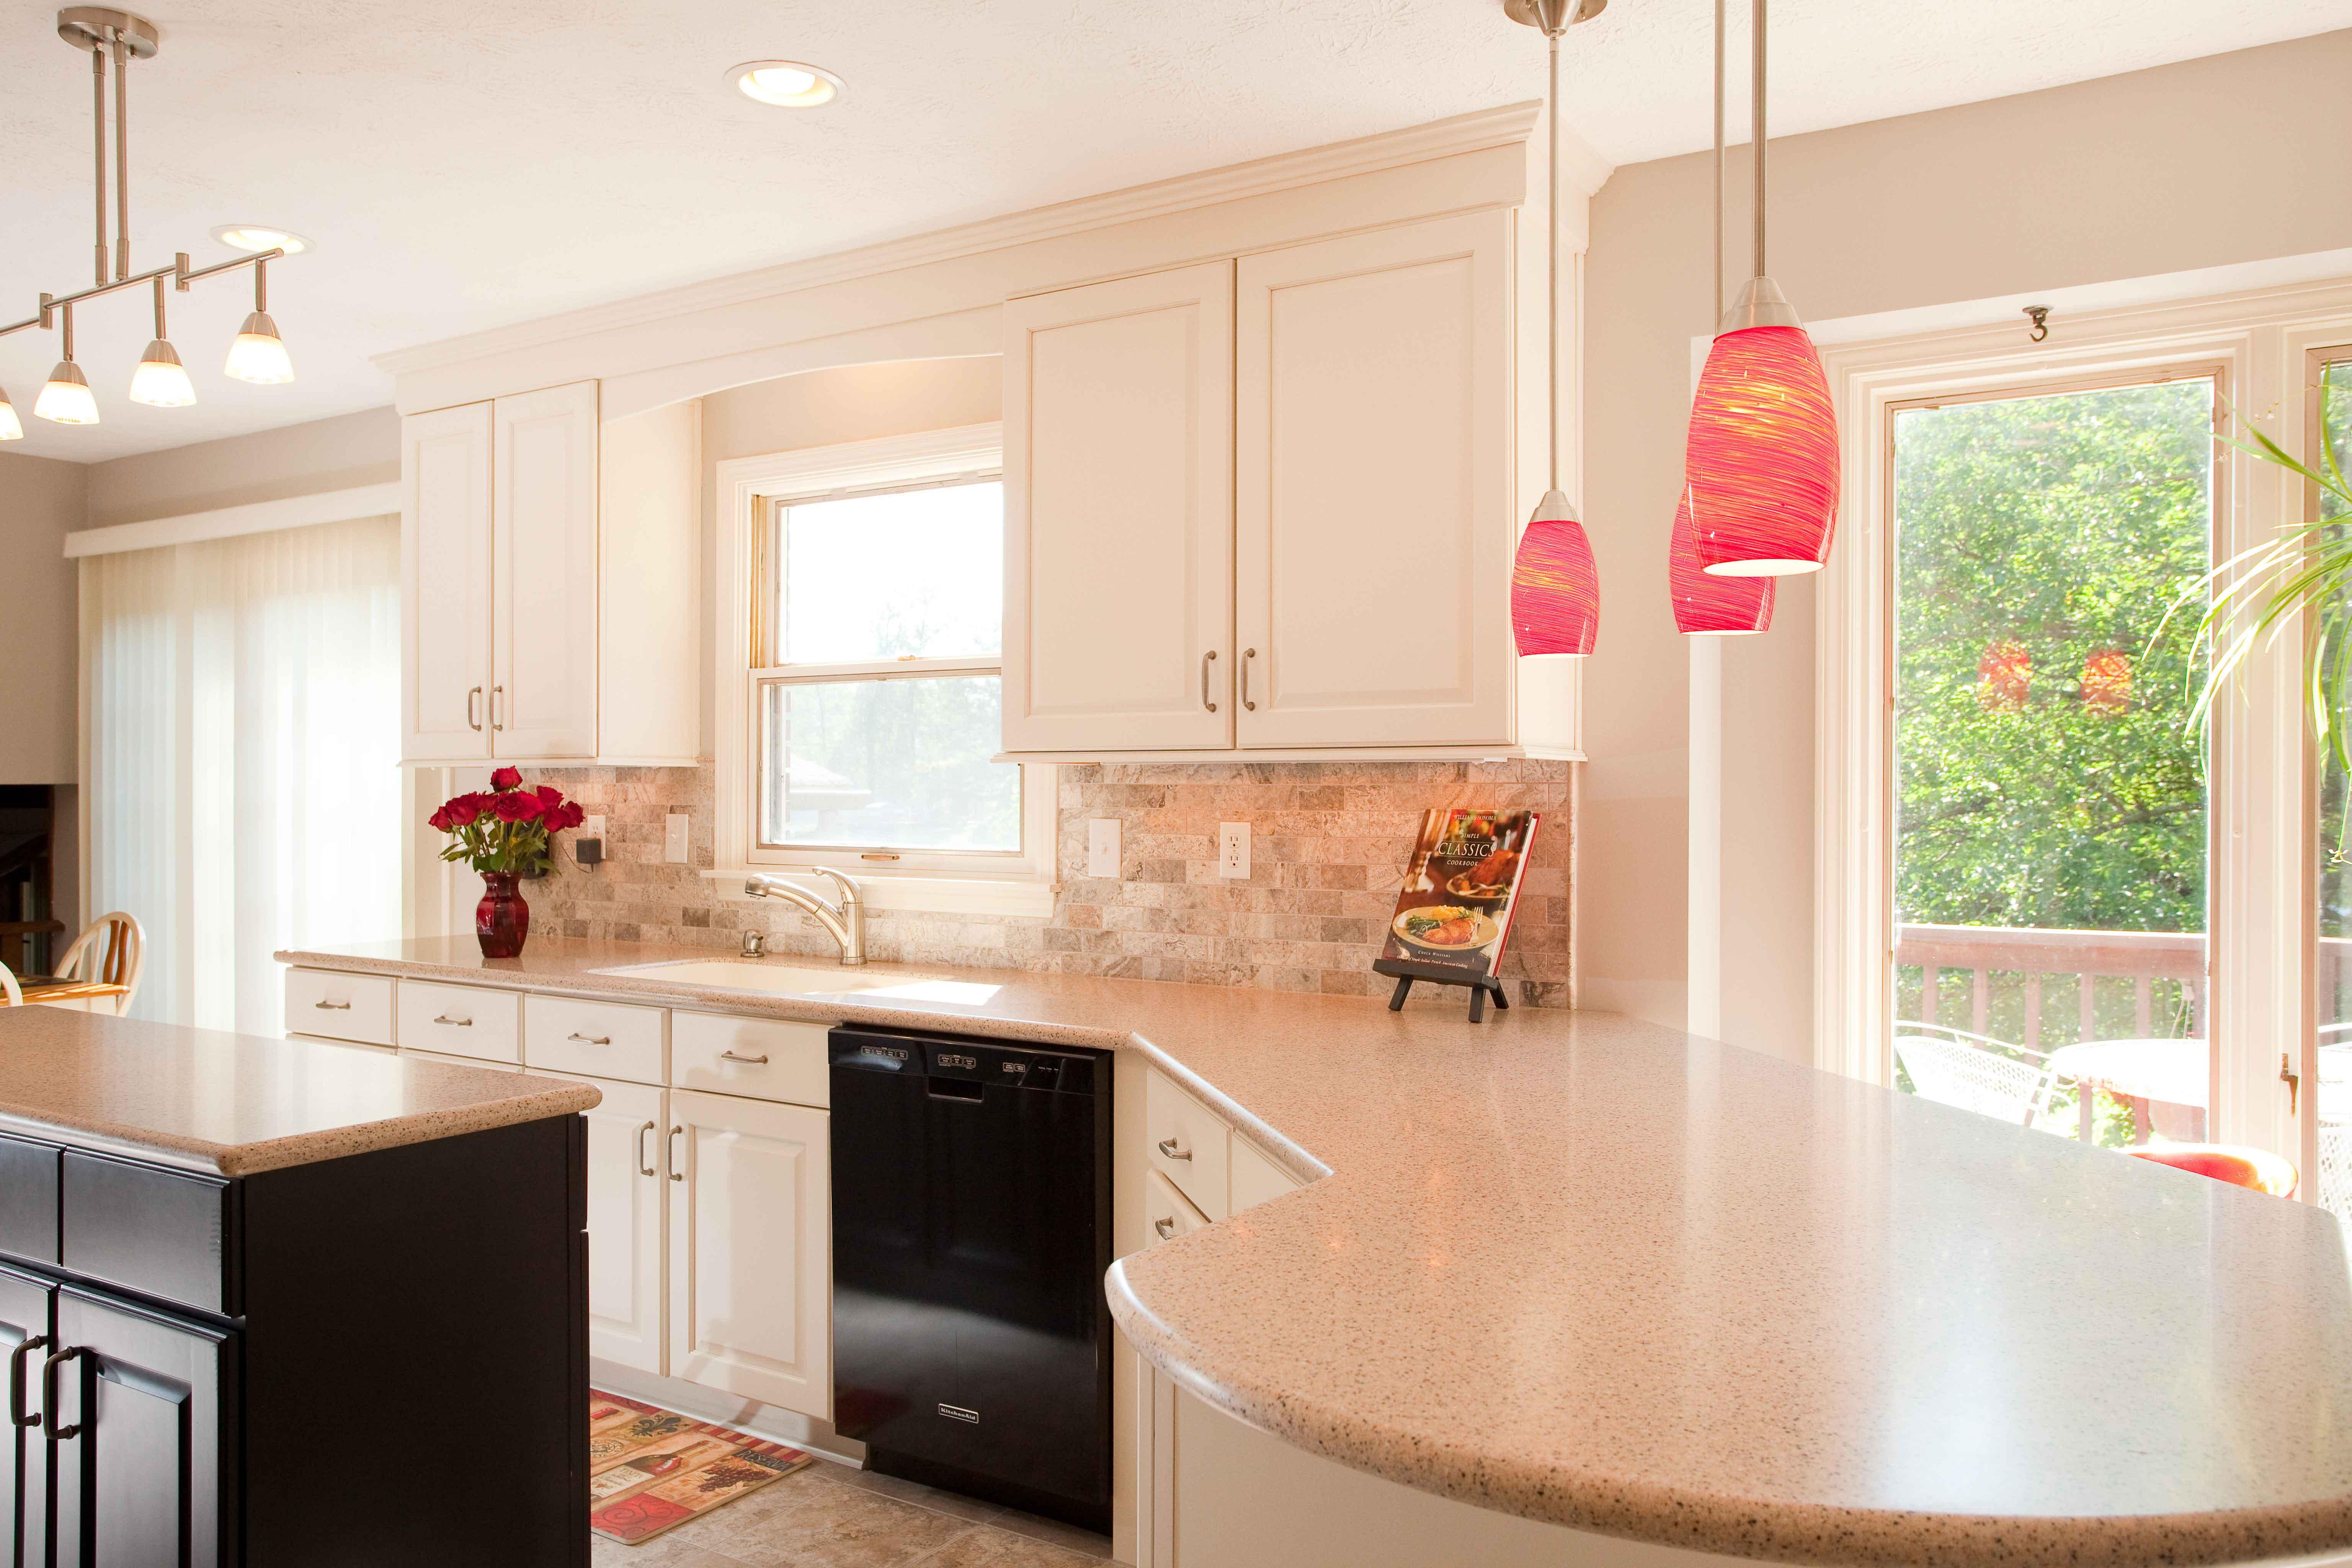 Thiết kế phòng bếp tông màu hồng mê hoặc phái đẹp